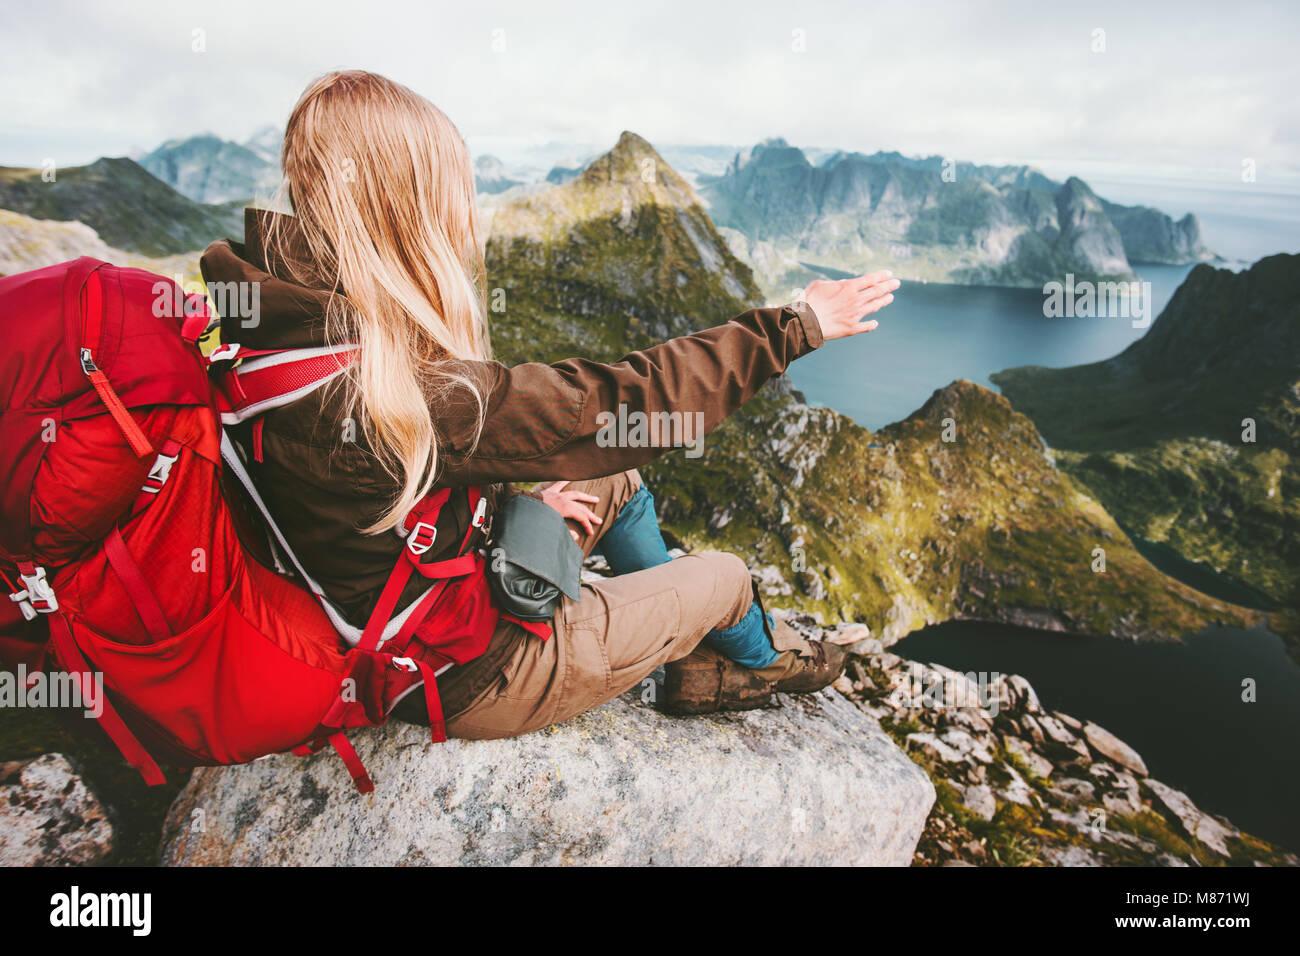 Mujer viajero admirando el paisaje de montaña noruega viajar concepto de aventura en el estilo de vida activo Imagen De Stock